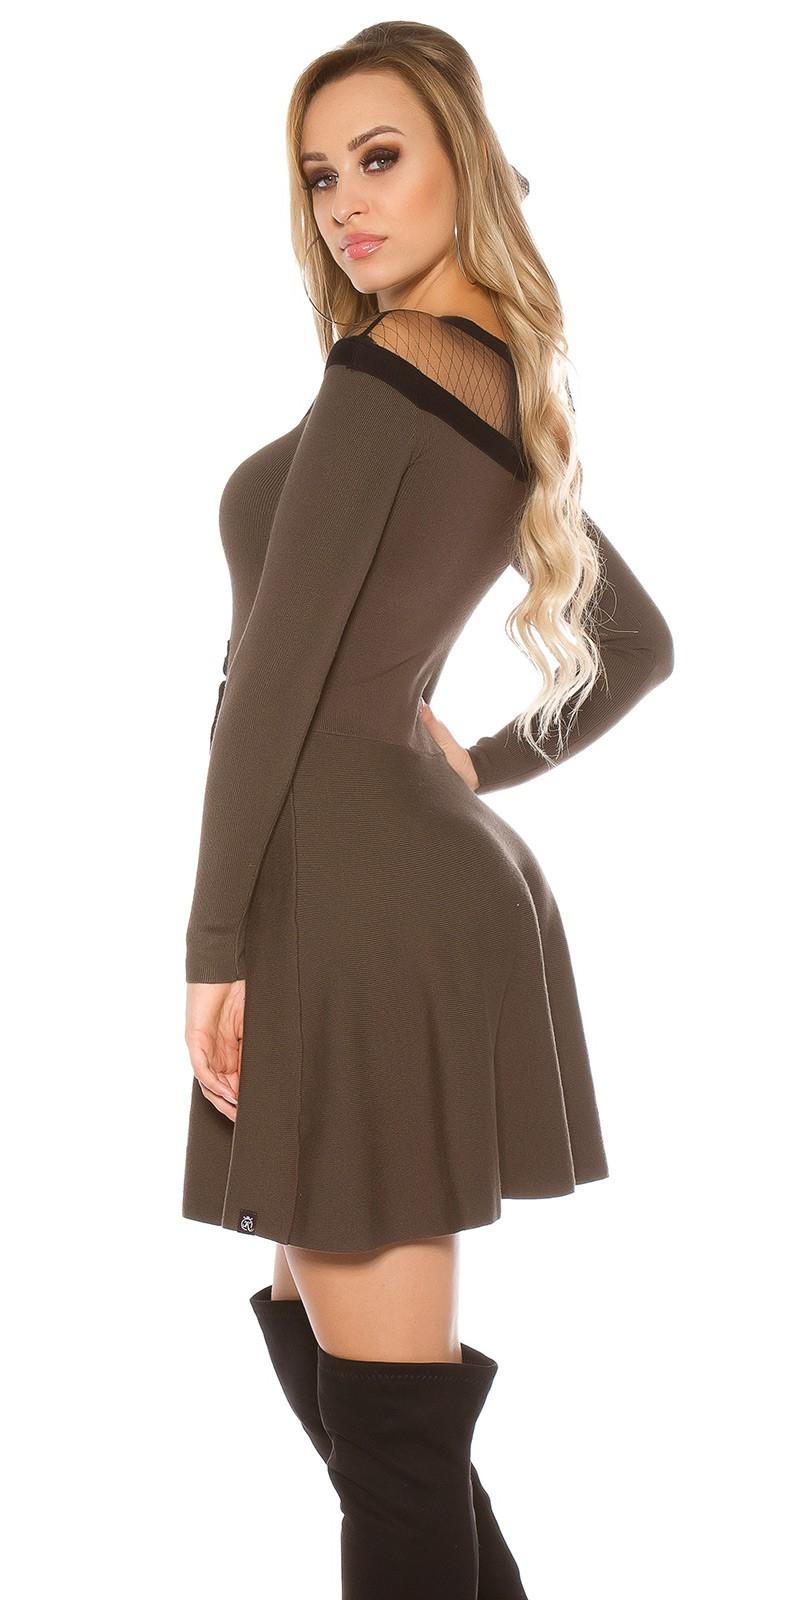 ... Obrázok pre Elegantné úpletové šaty   khaki 960da94ccf3